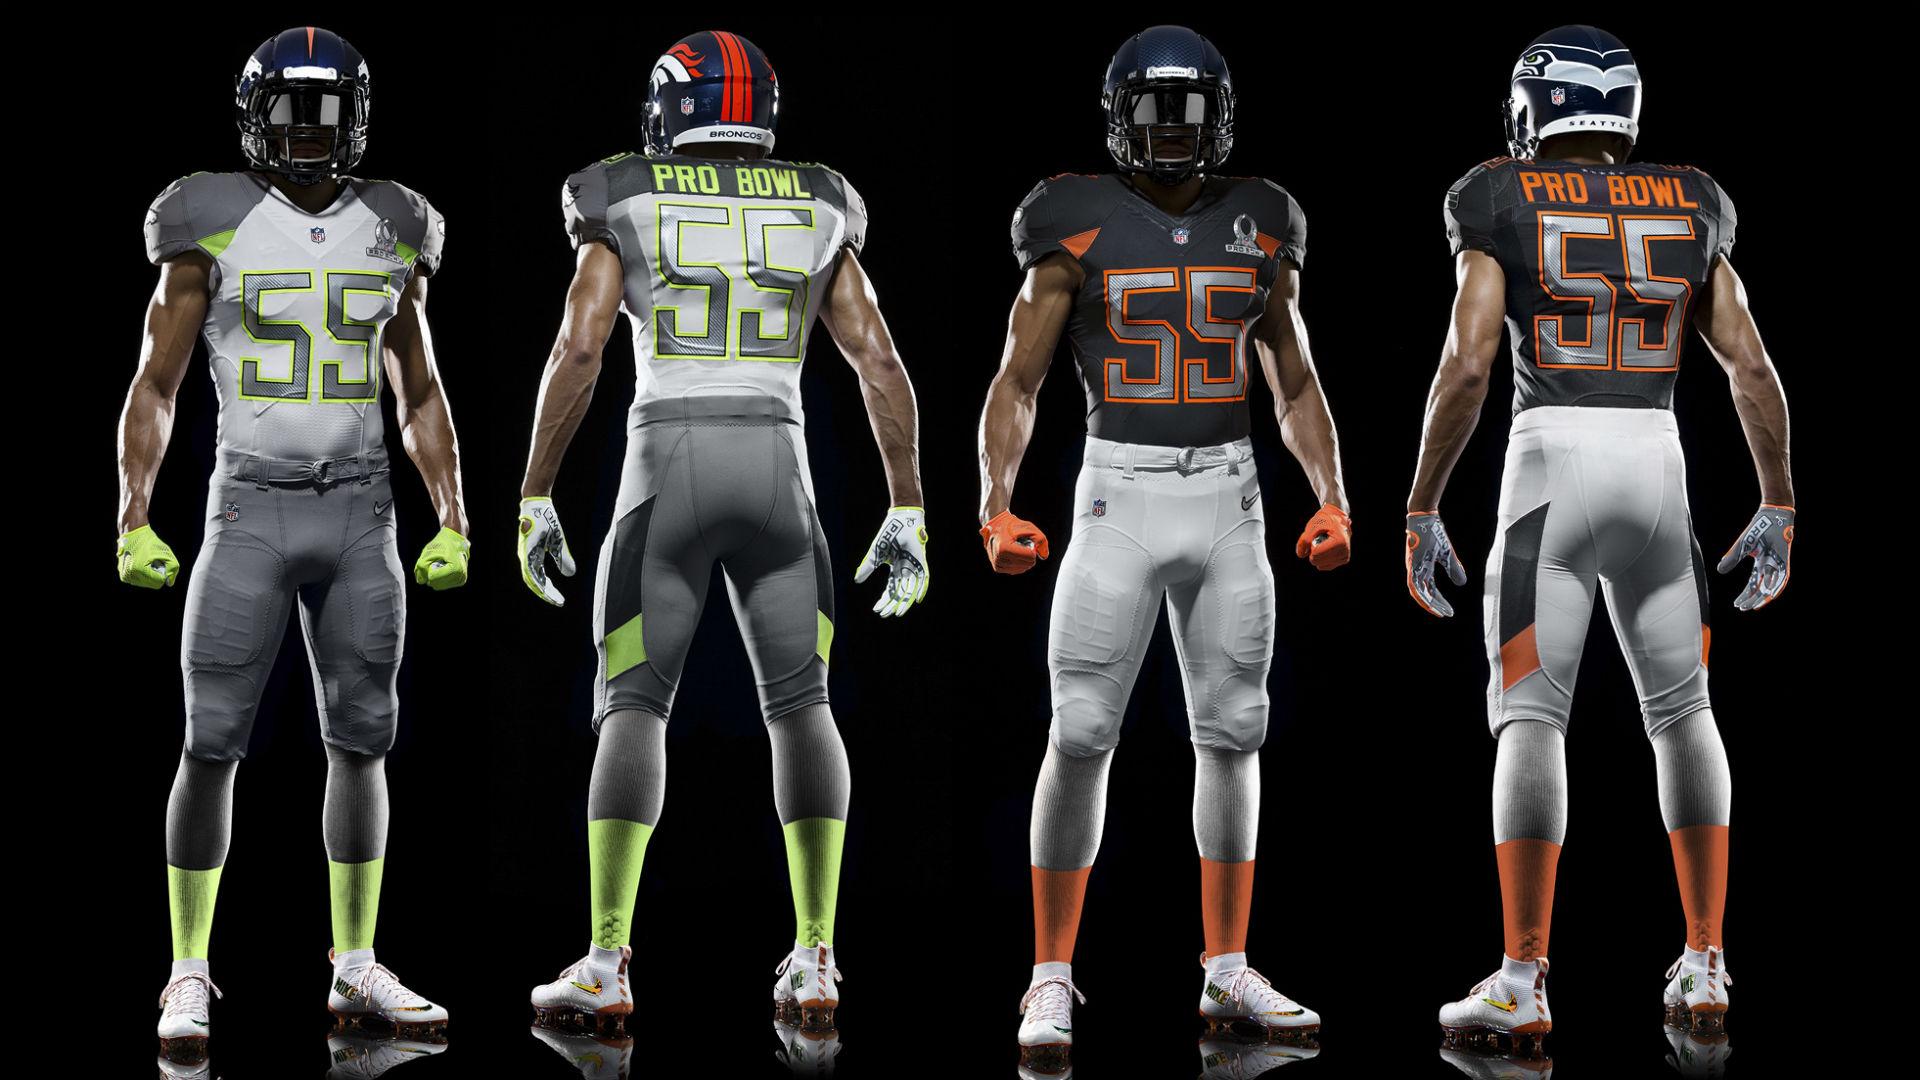 Pro-Bowl-012115-FTR-Nike.jpg